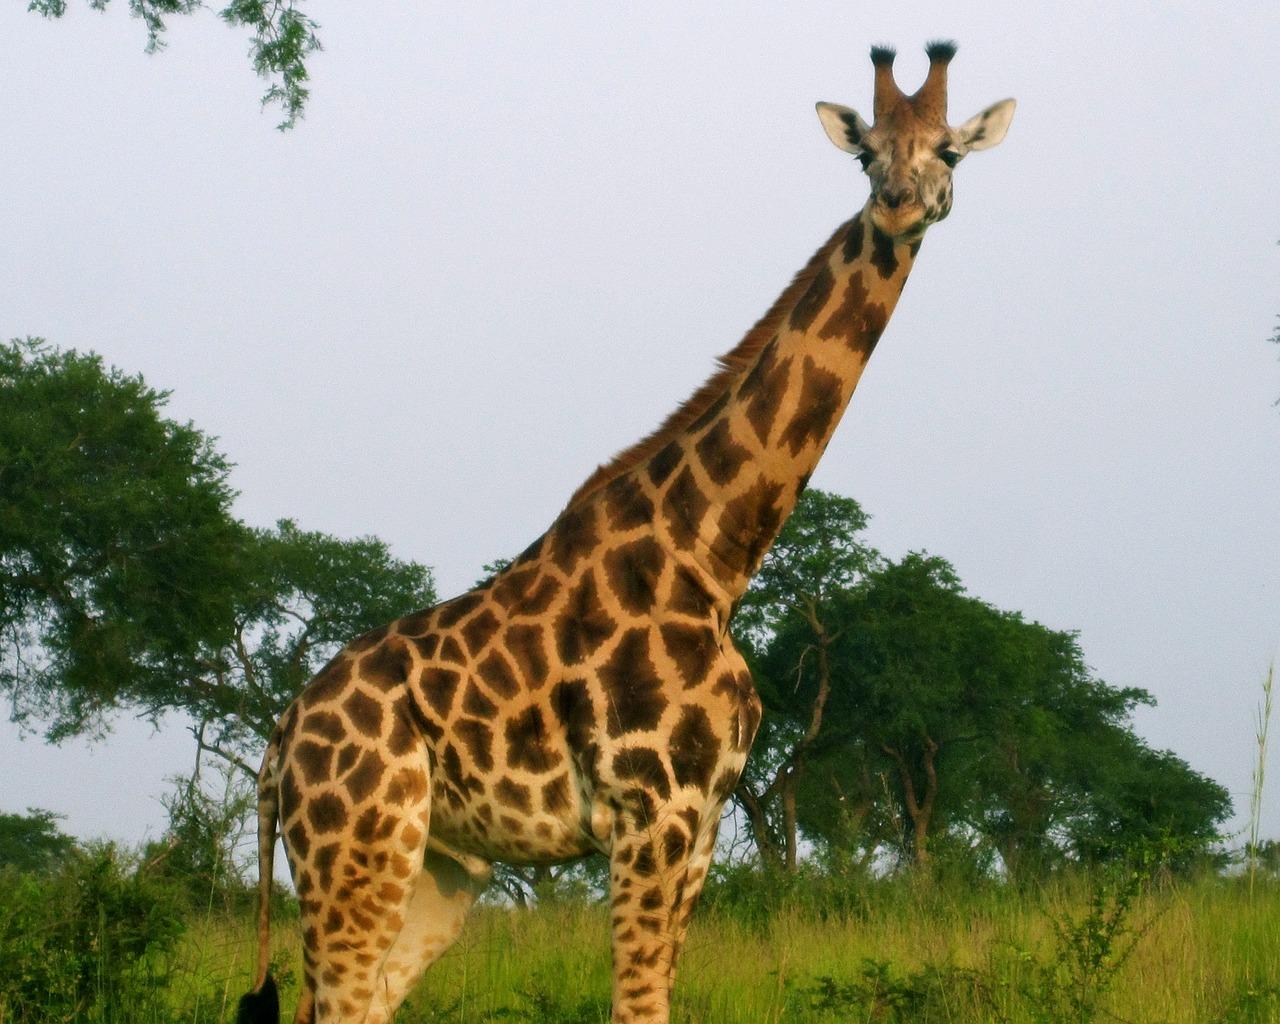 фото жирафа в природе что убранство дворцов